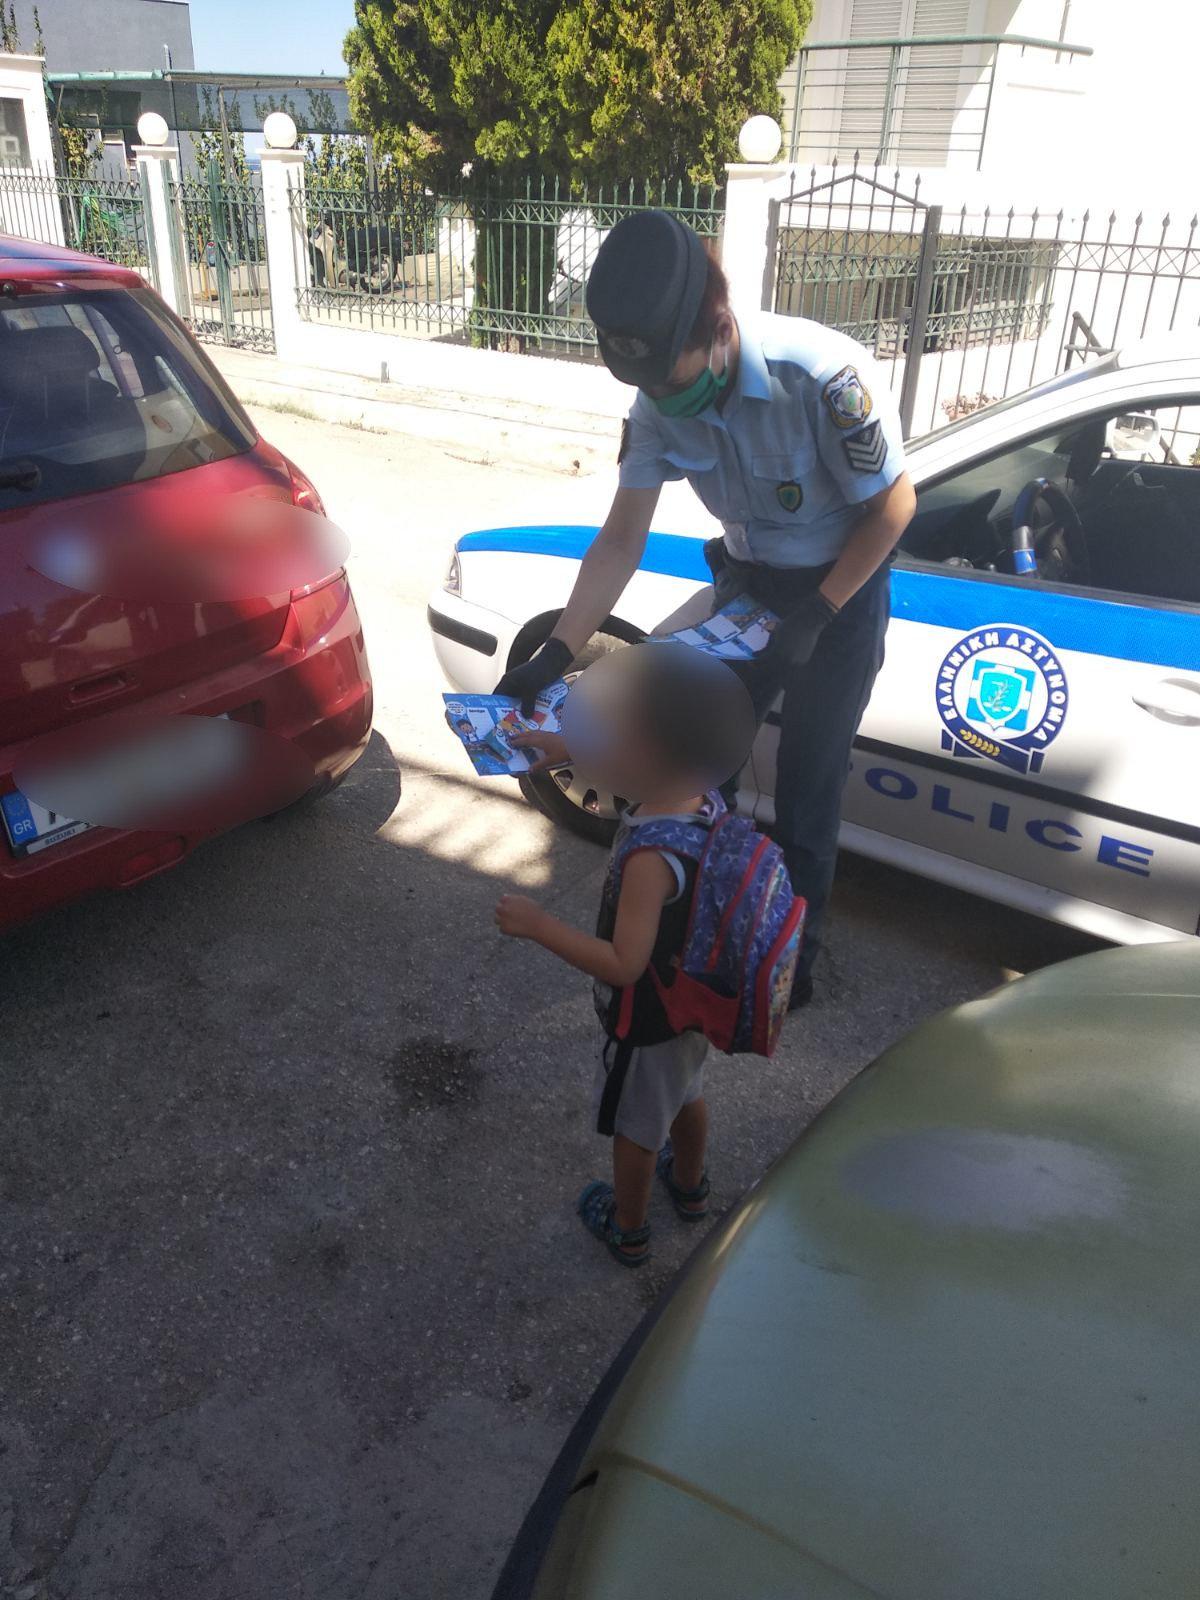 Η Ελληνική Αστυνομία βρέθηκε και φέτος σε Δημοτικά Σχολεία στη Δυτική Ελλάδα (photos)